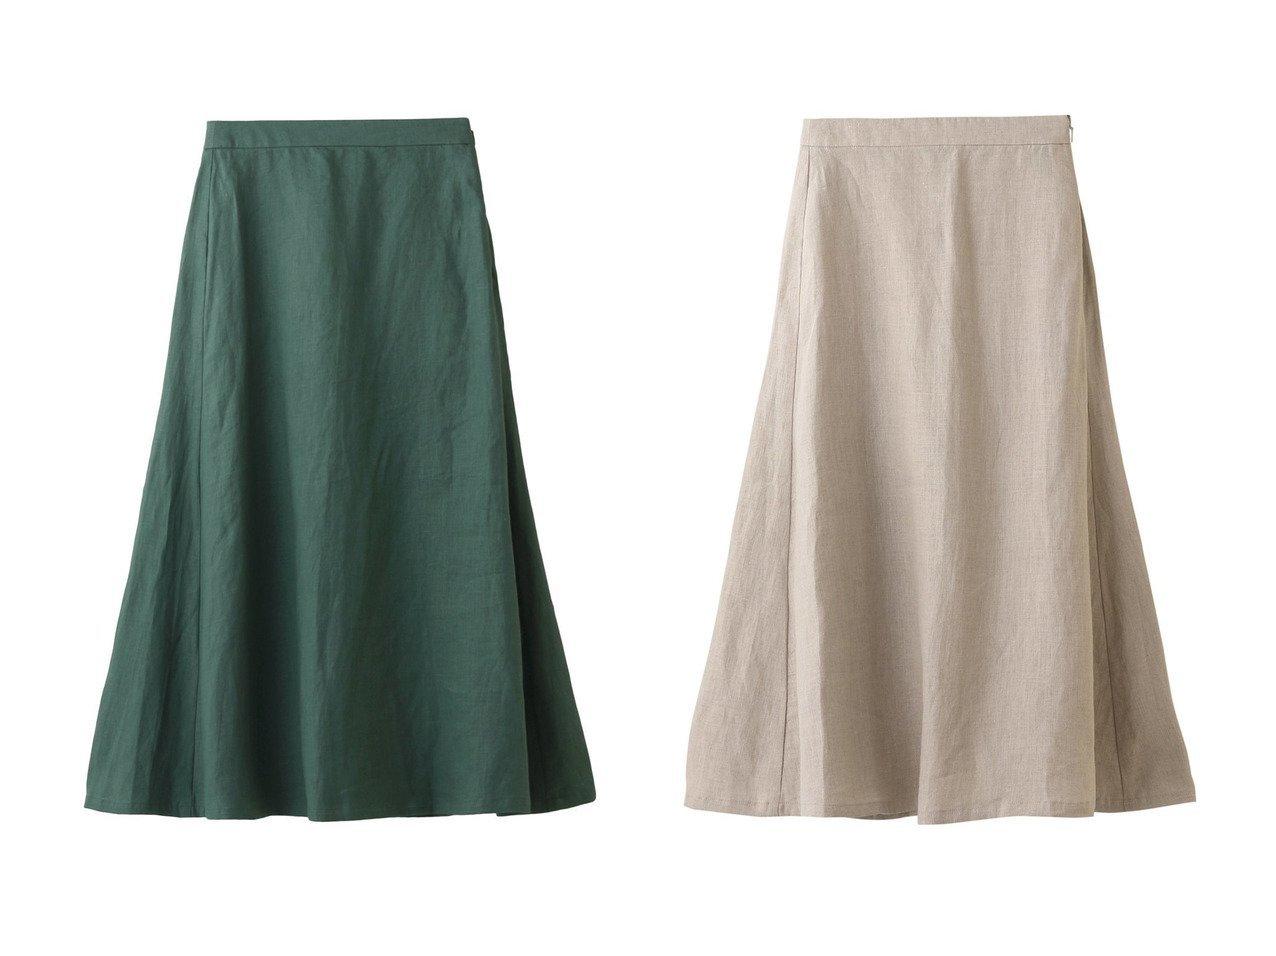 【JET/ジェット】の【JET LOSANGELES】リネンフレアスカート 【スカート】おすすめ!人気、トレンド・レディースファッションの通販 おすすめで人気の流行・トレンド、ファッションの通販商品 インテリア・家具・メンズファッション・キッズファッション・レディースファッション・服の通販 founy(ファニー) https://founy.com/ ファッション Fashion レディースファッション WOMEN スカート Skirt Aライン/フレアスカート Flared A-Line Skirts ロングスカート Long Skirt S/S・春夏 SS・Spring/Summer フレア リネン ロング 夏 Summer 春 Spring |ID:crp329100000049393